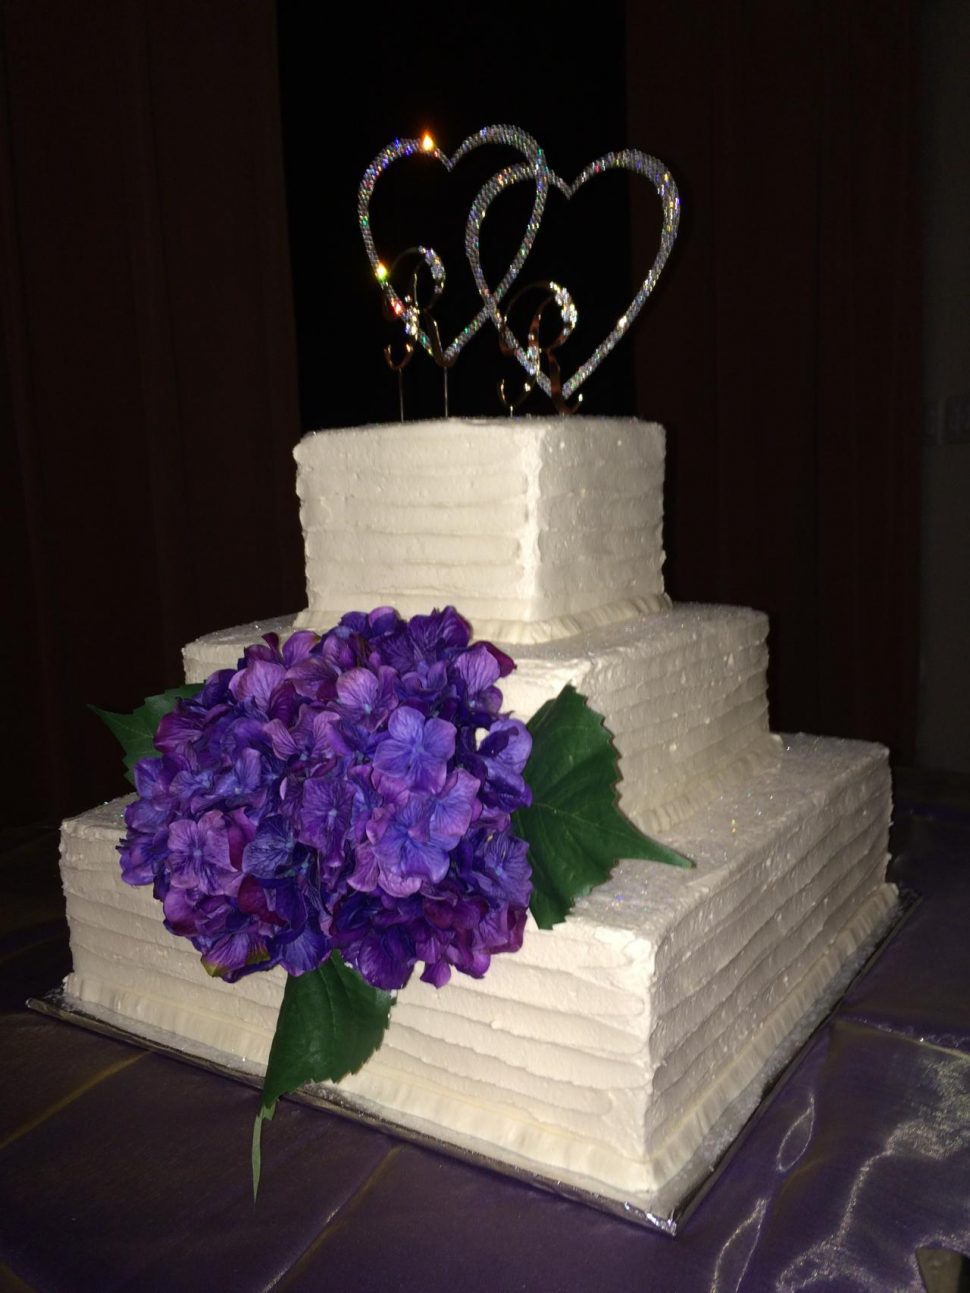 Wedding Cake : Wedding Cake Clipart Unique Cakes Wedding Cake Sims.